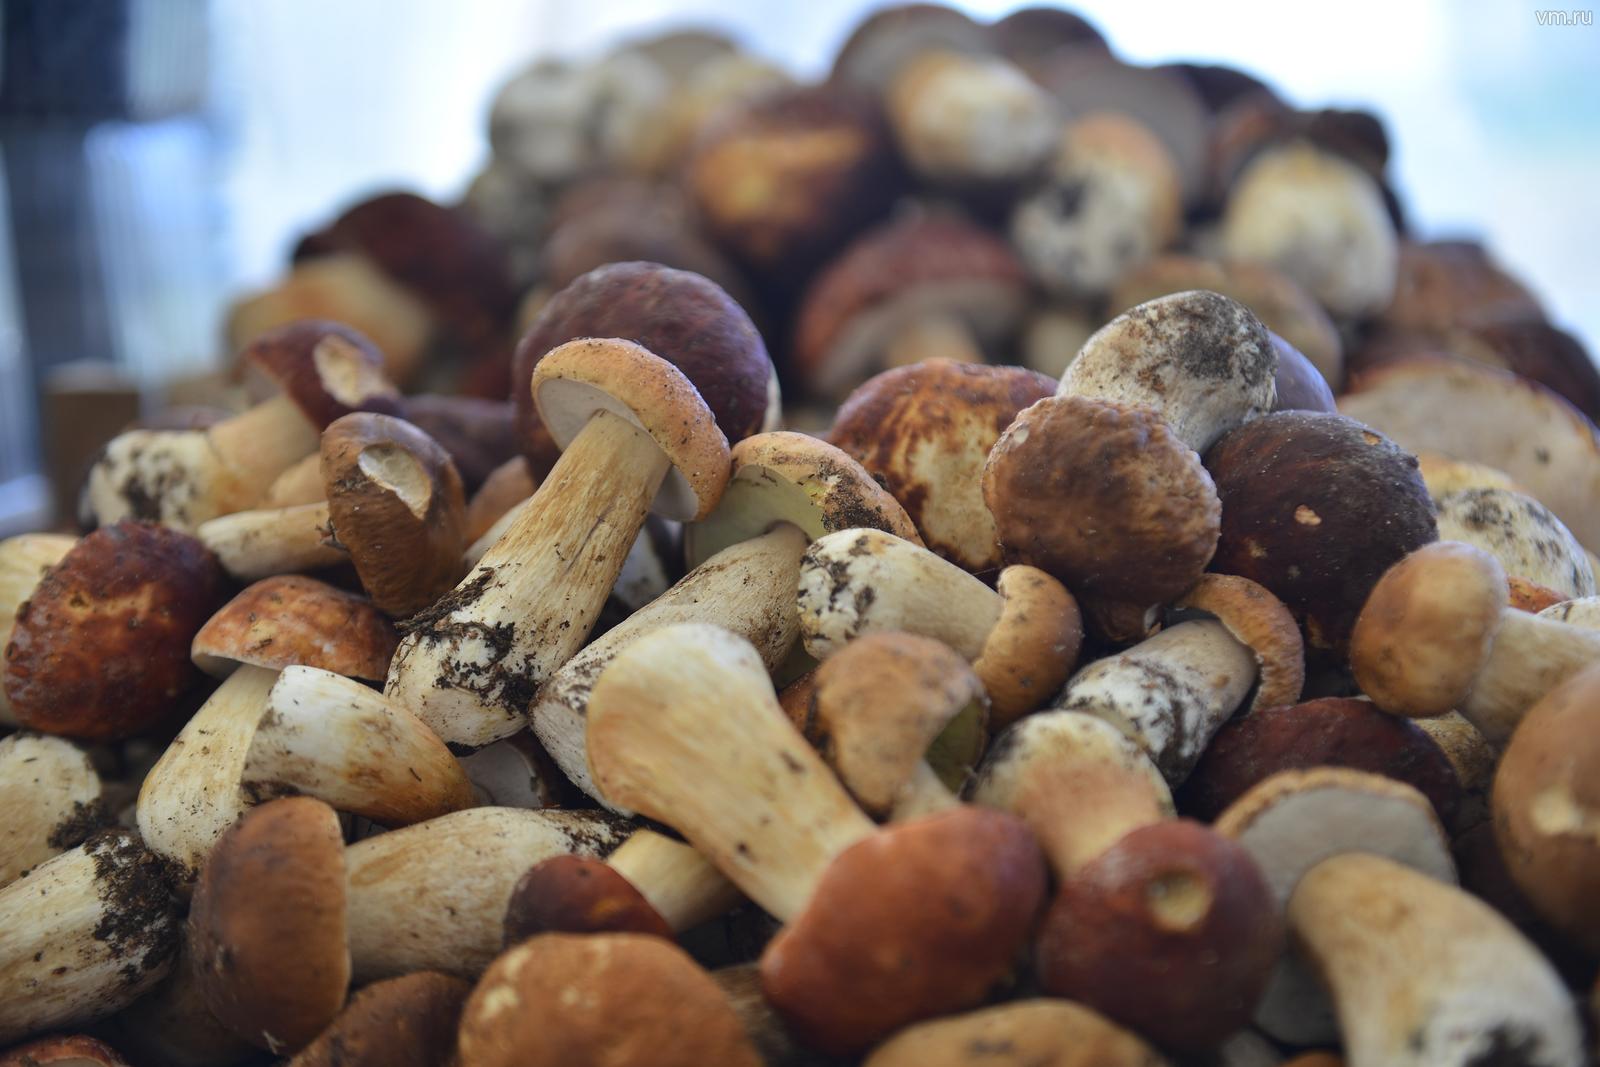 Жители столицы не смогут найти грибы до середины июля